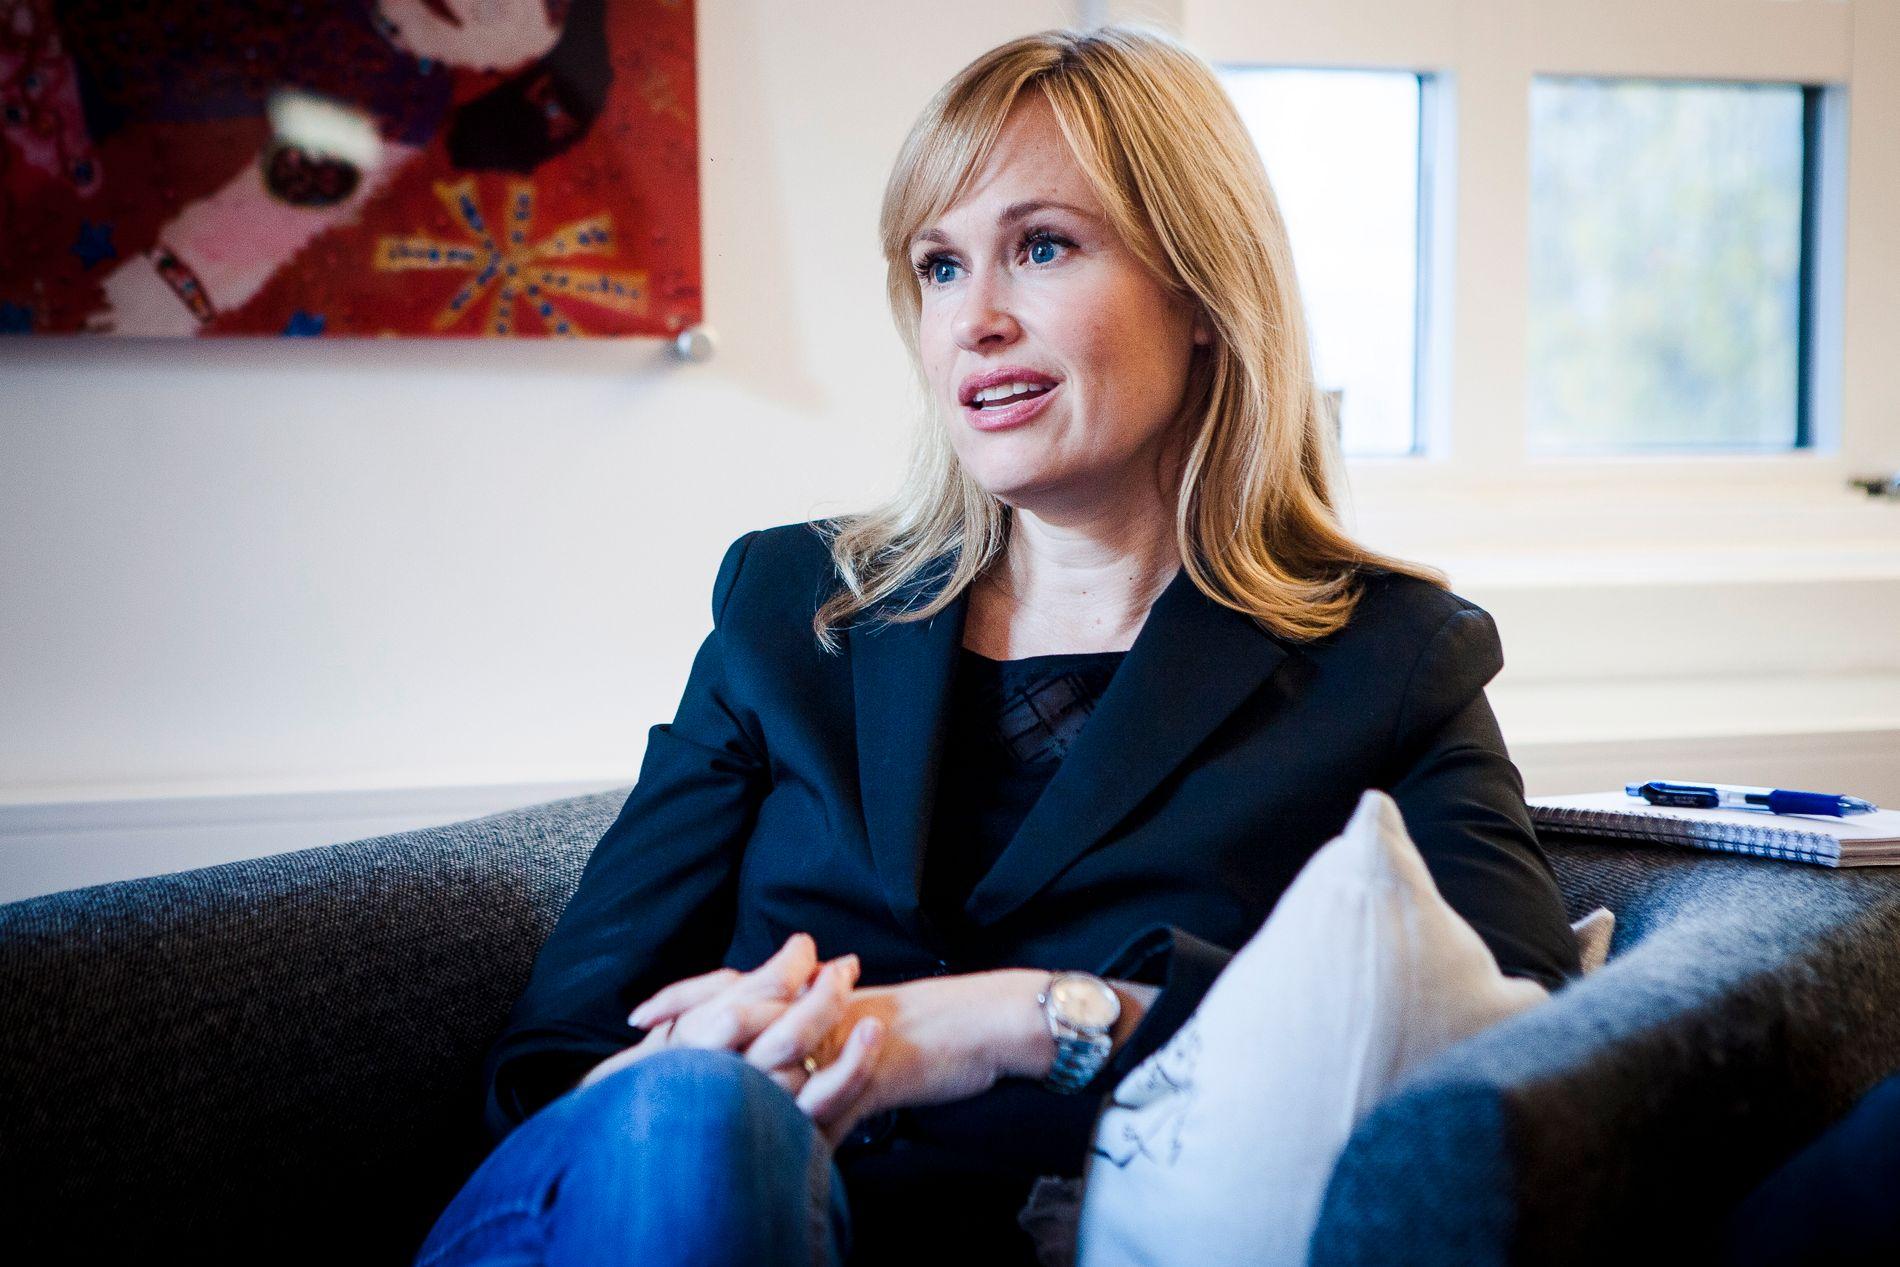 TRENGER MER: Barneombud Anne Lindboe mener det trengs mer penger for å sikre god oppfølging.